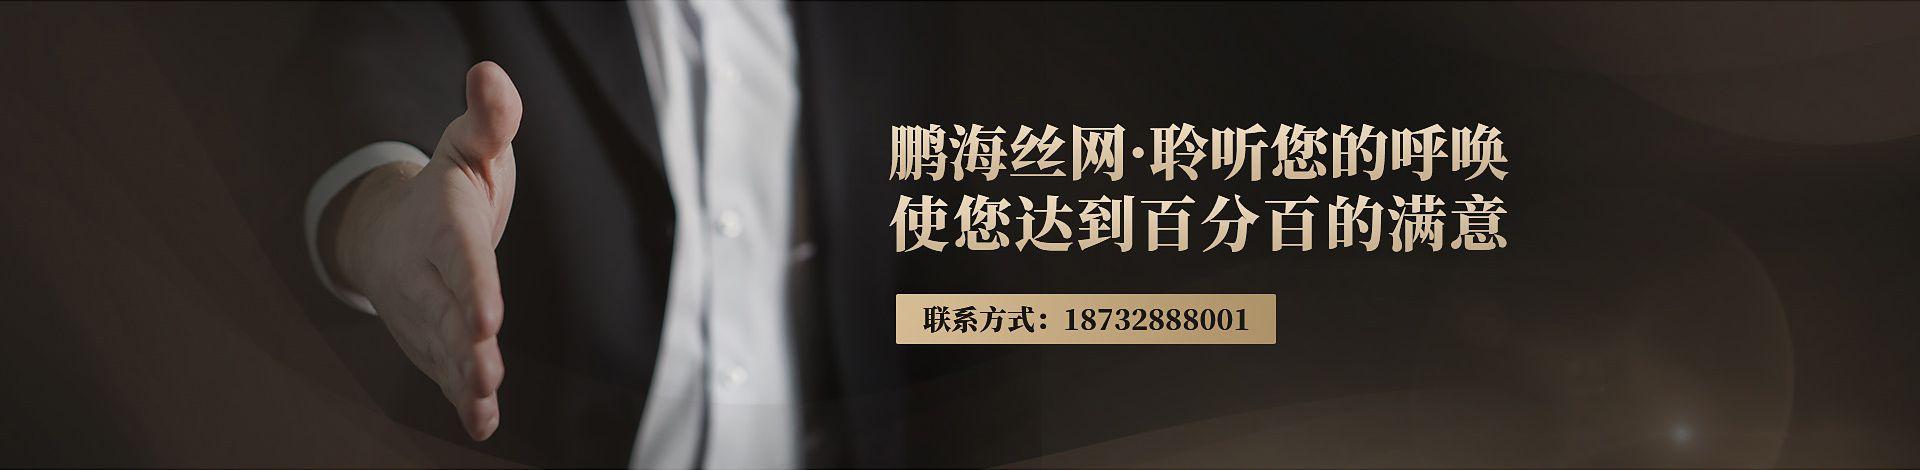 河北鹏海丝网制品有限公司